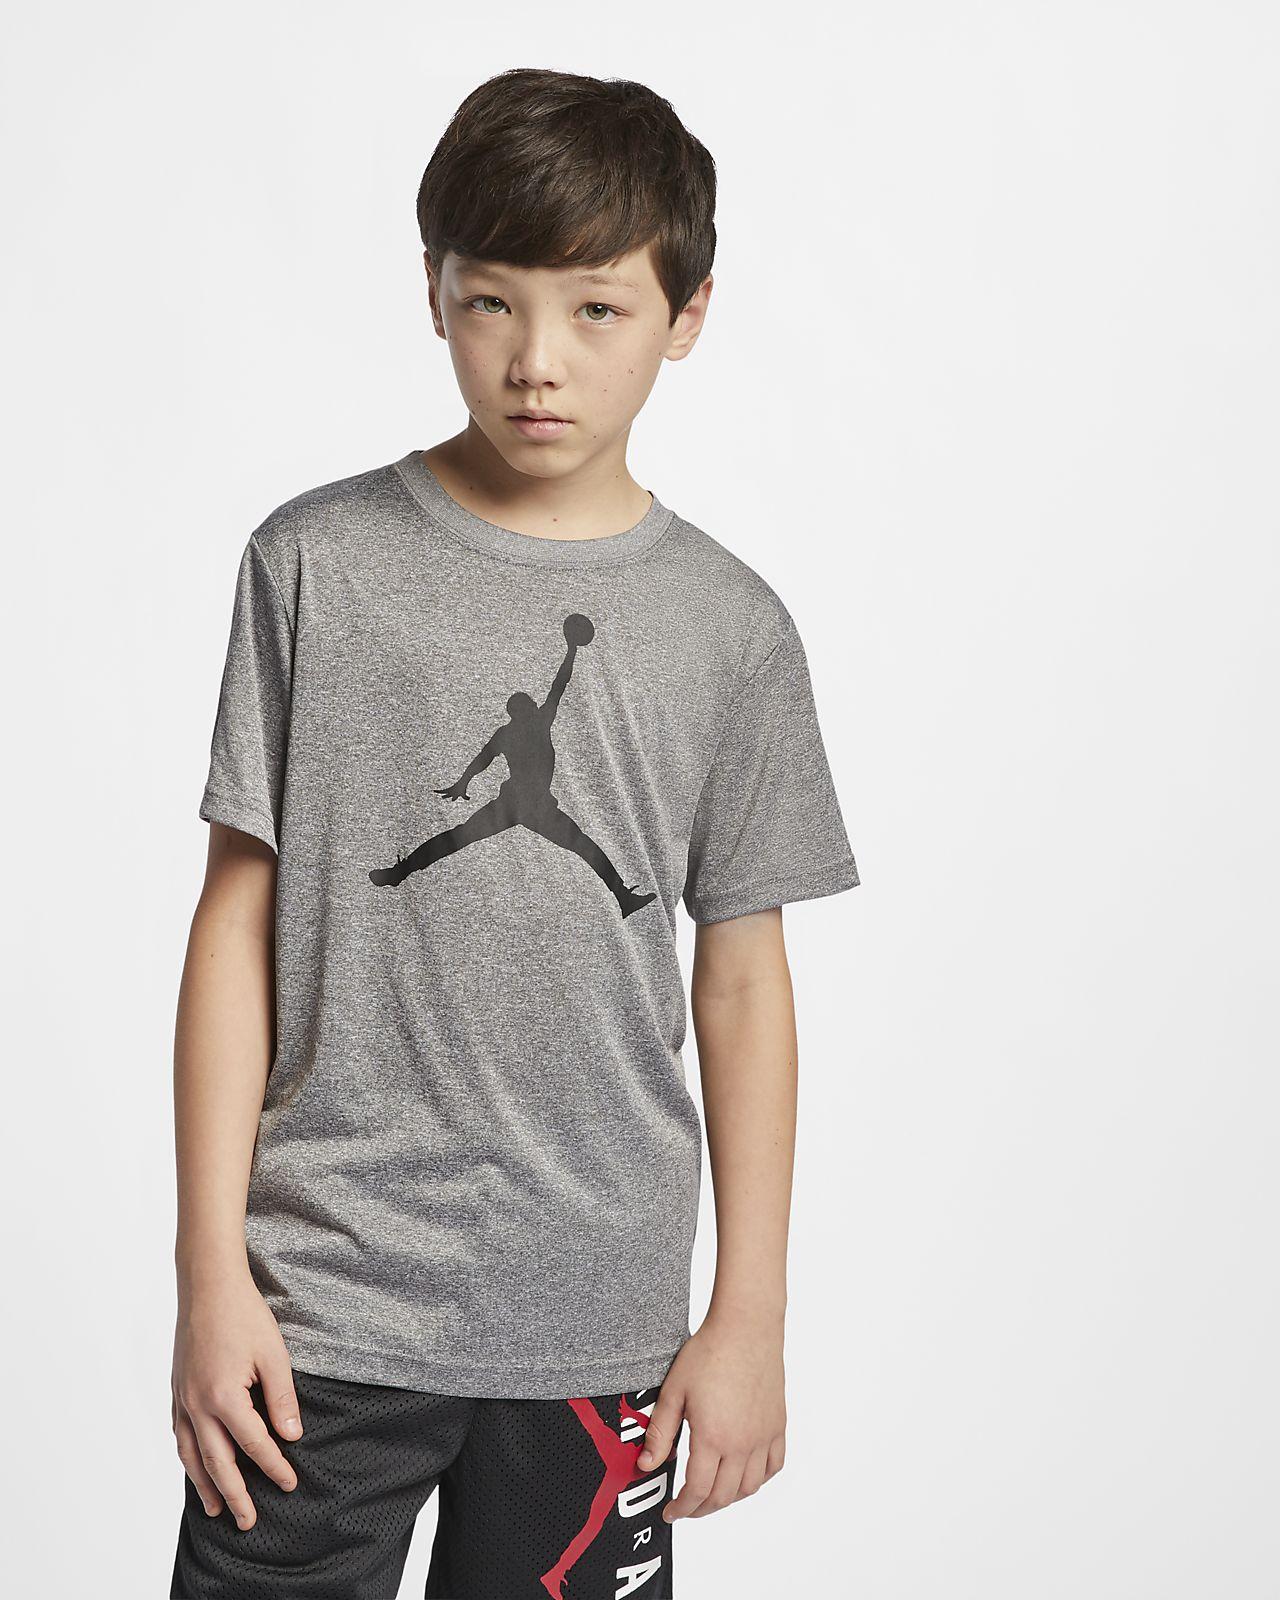 69557634959b Jordan Dri-FIT Big Kids  (Boys ) T-Shirt. Nike.com